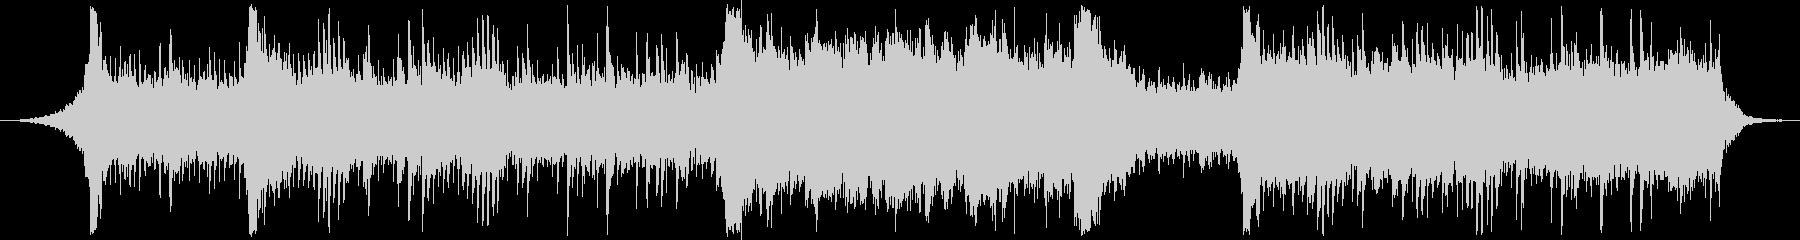 電子音楽×和風なヒーリング曲の未再生の波形